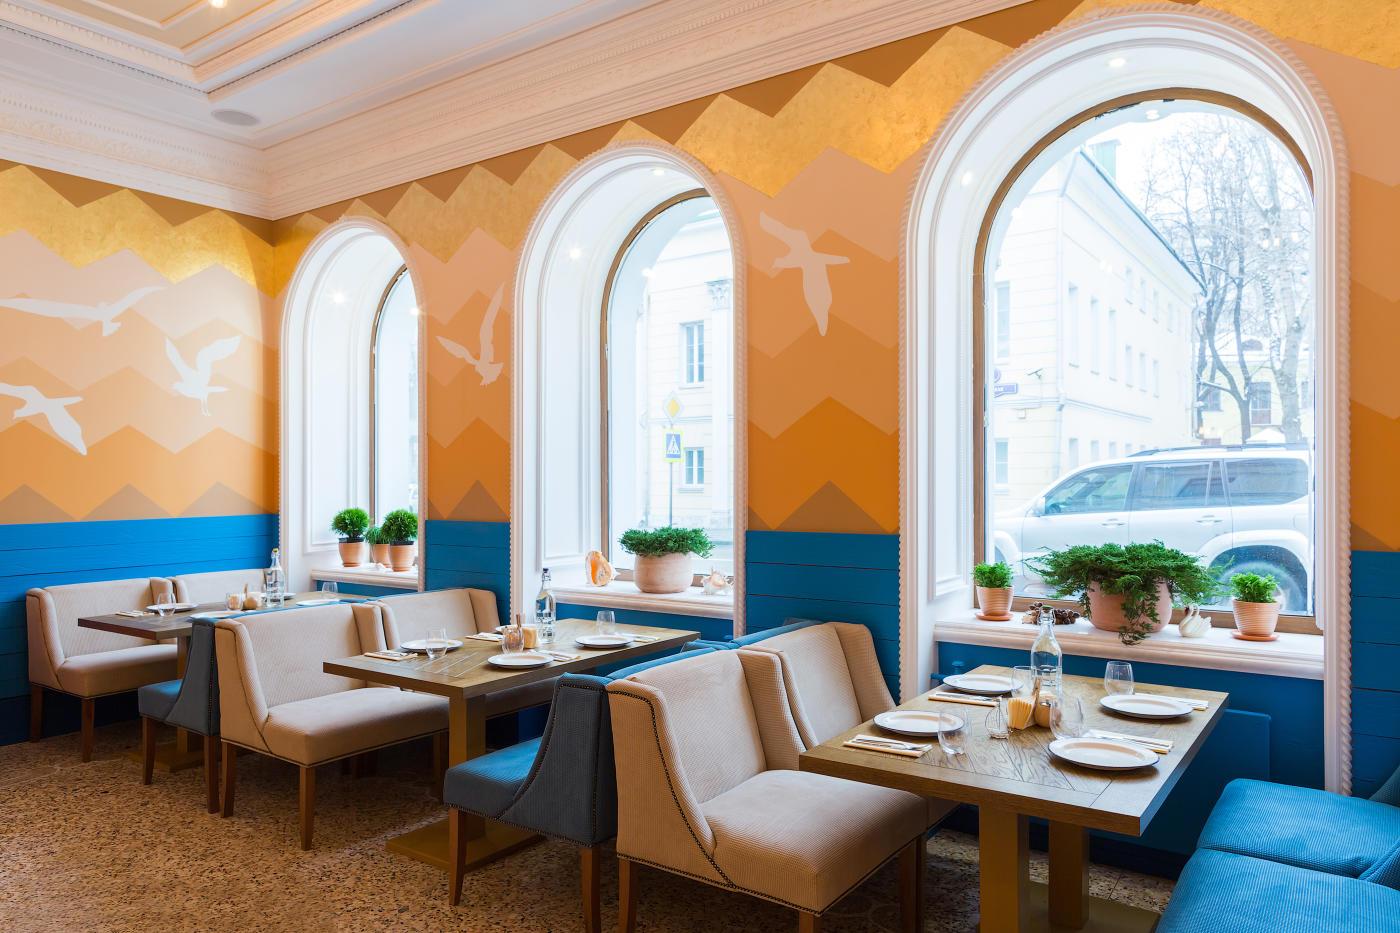 Крымский Ресторан Крымская кухня на Пятницкой (Добрынинская) фото 7